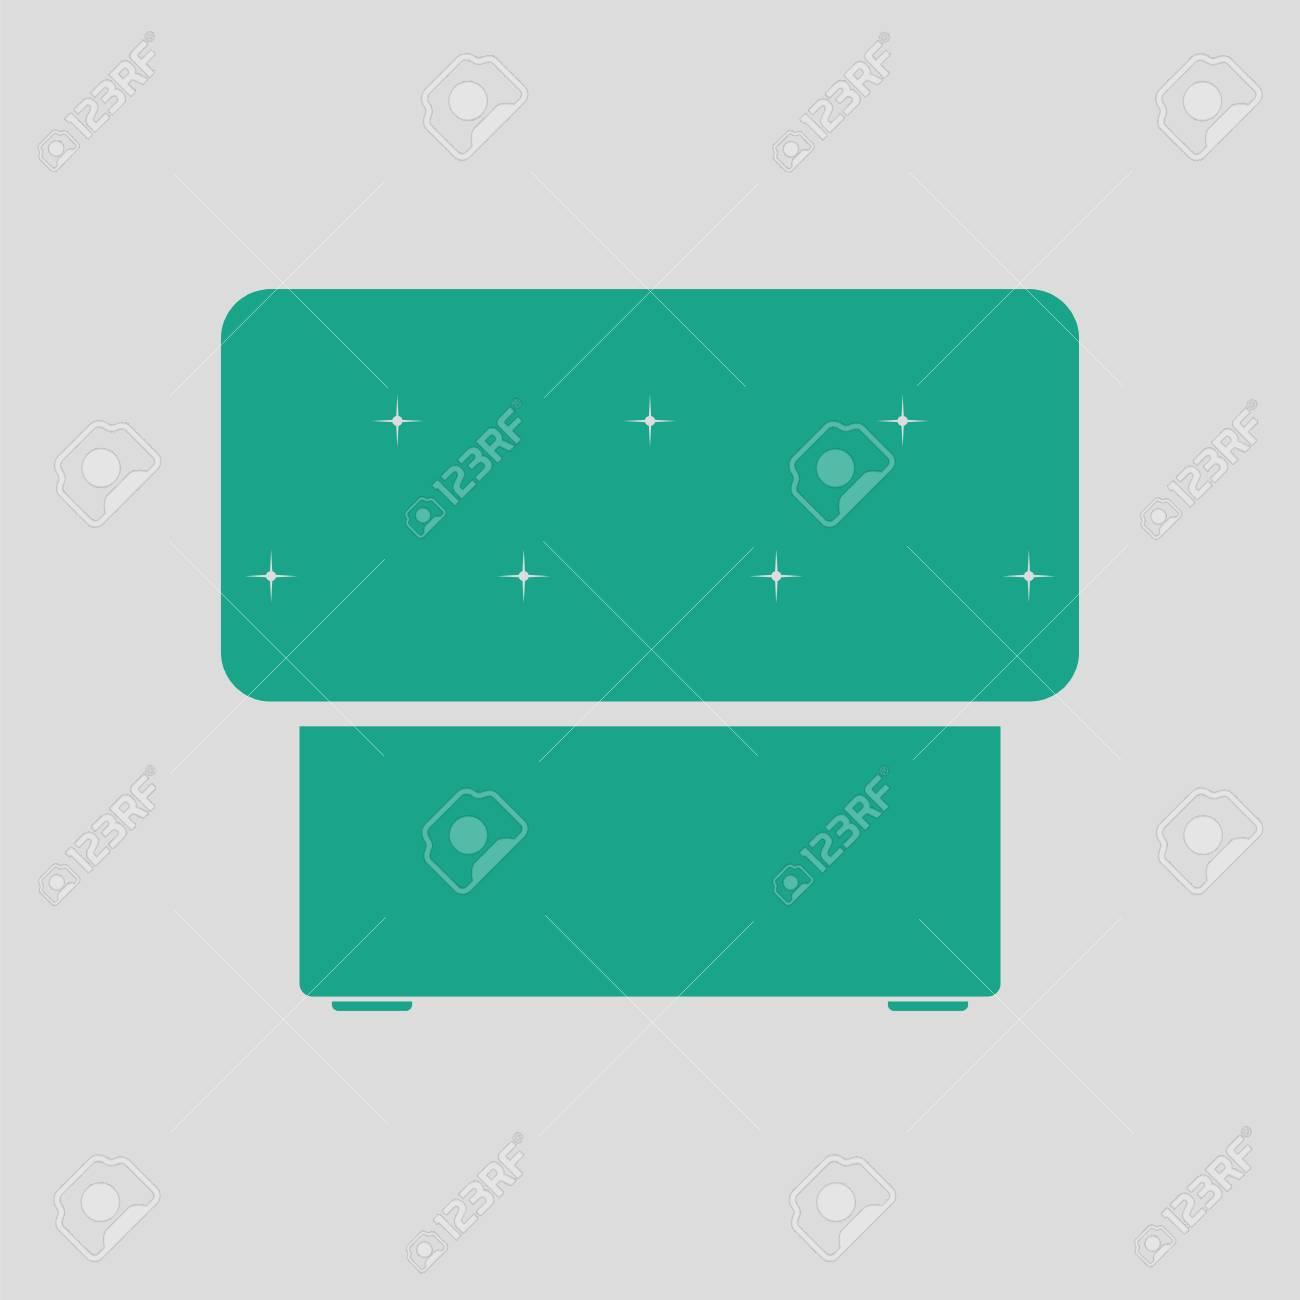 Banque Du0027images   Icône De Pouf De Chambre à Coucher. Fond Gris Avec Du Vert.  Illustration Vectorielle